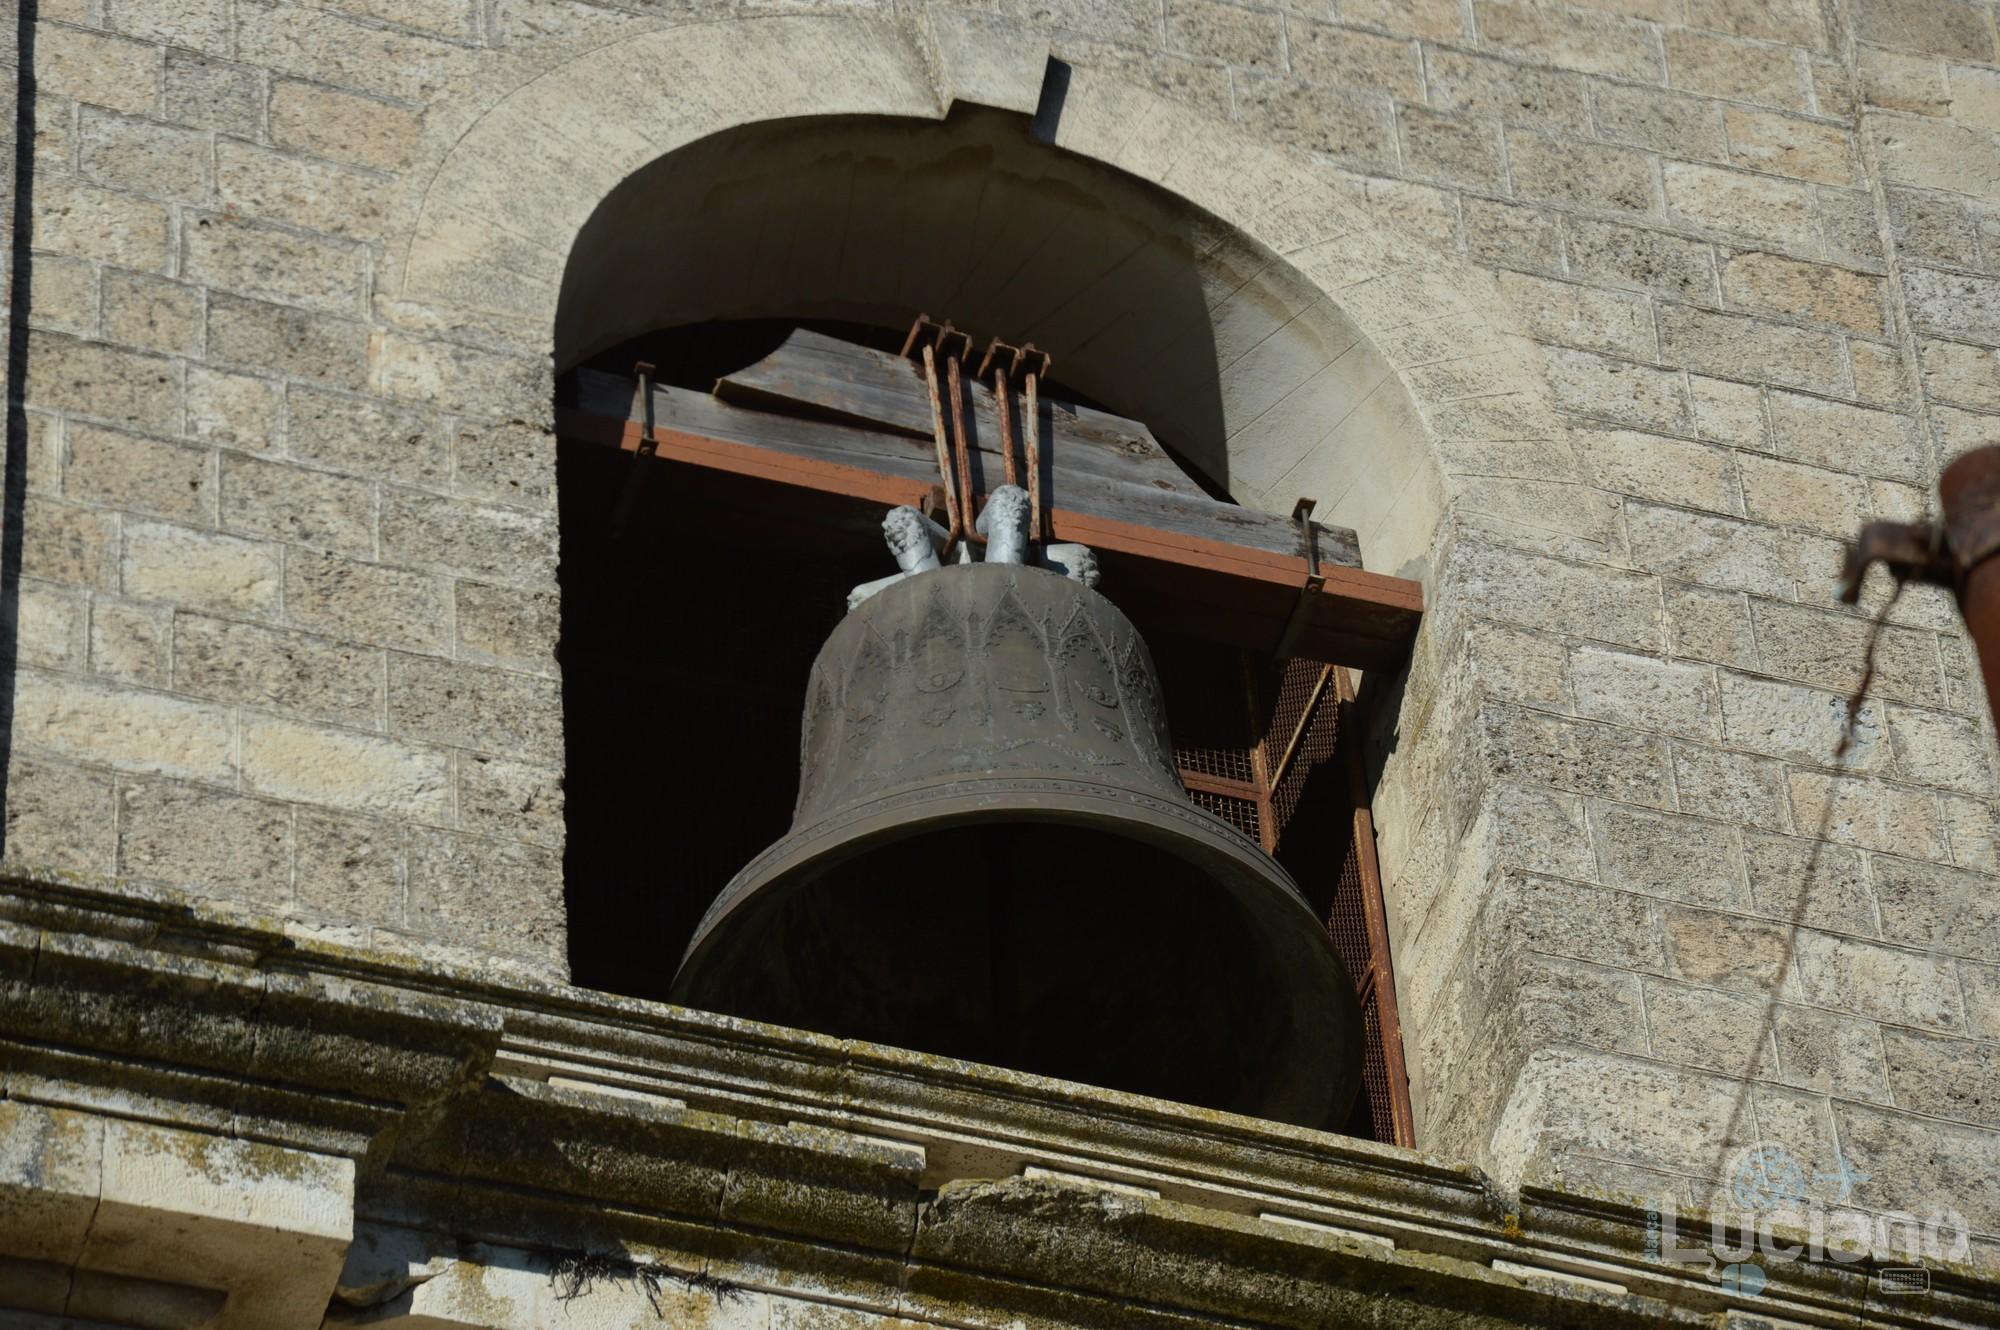 Campanile della Chiesa Matrice (dettaglio compana) nel borgo di Petralia Soprana - Palermo -  I Borghi più belli d'Italia - Borgo più bello d'Italia 2018